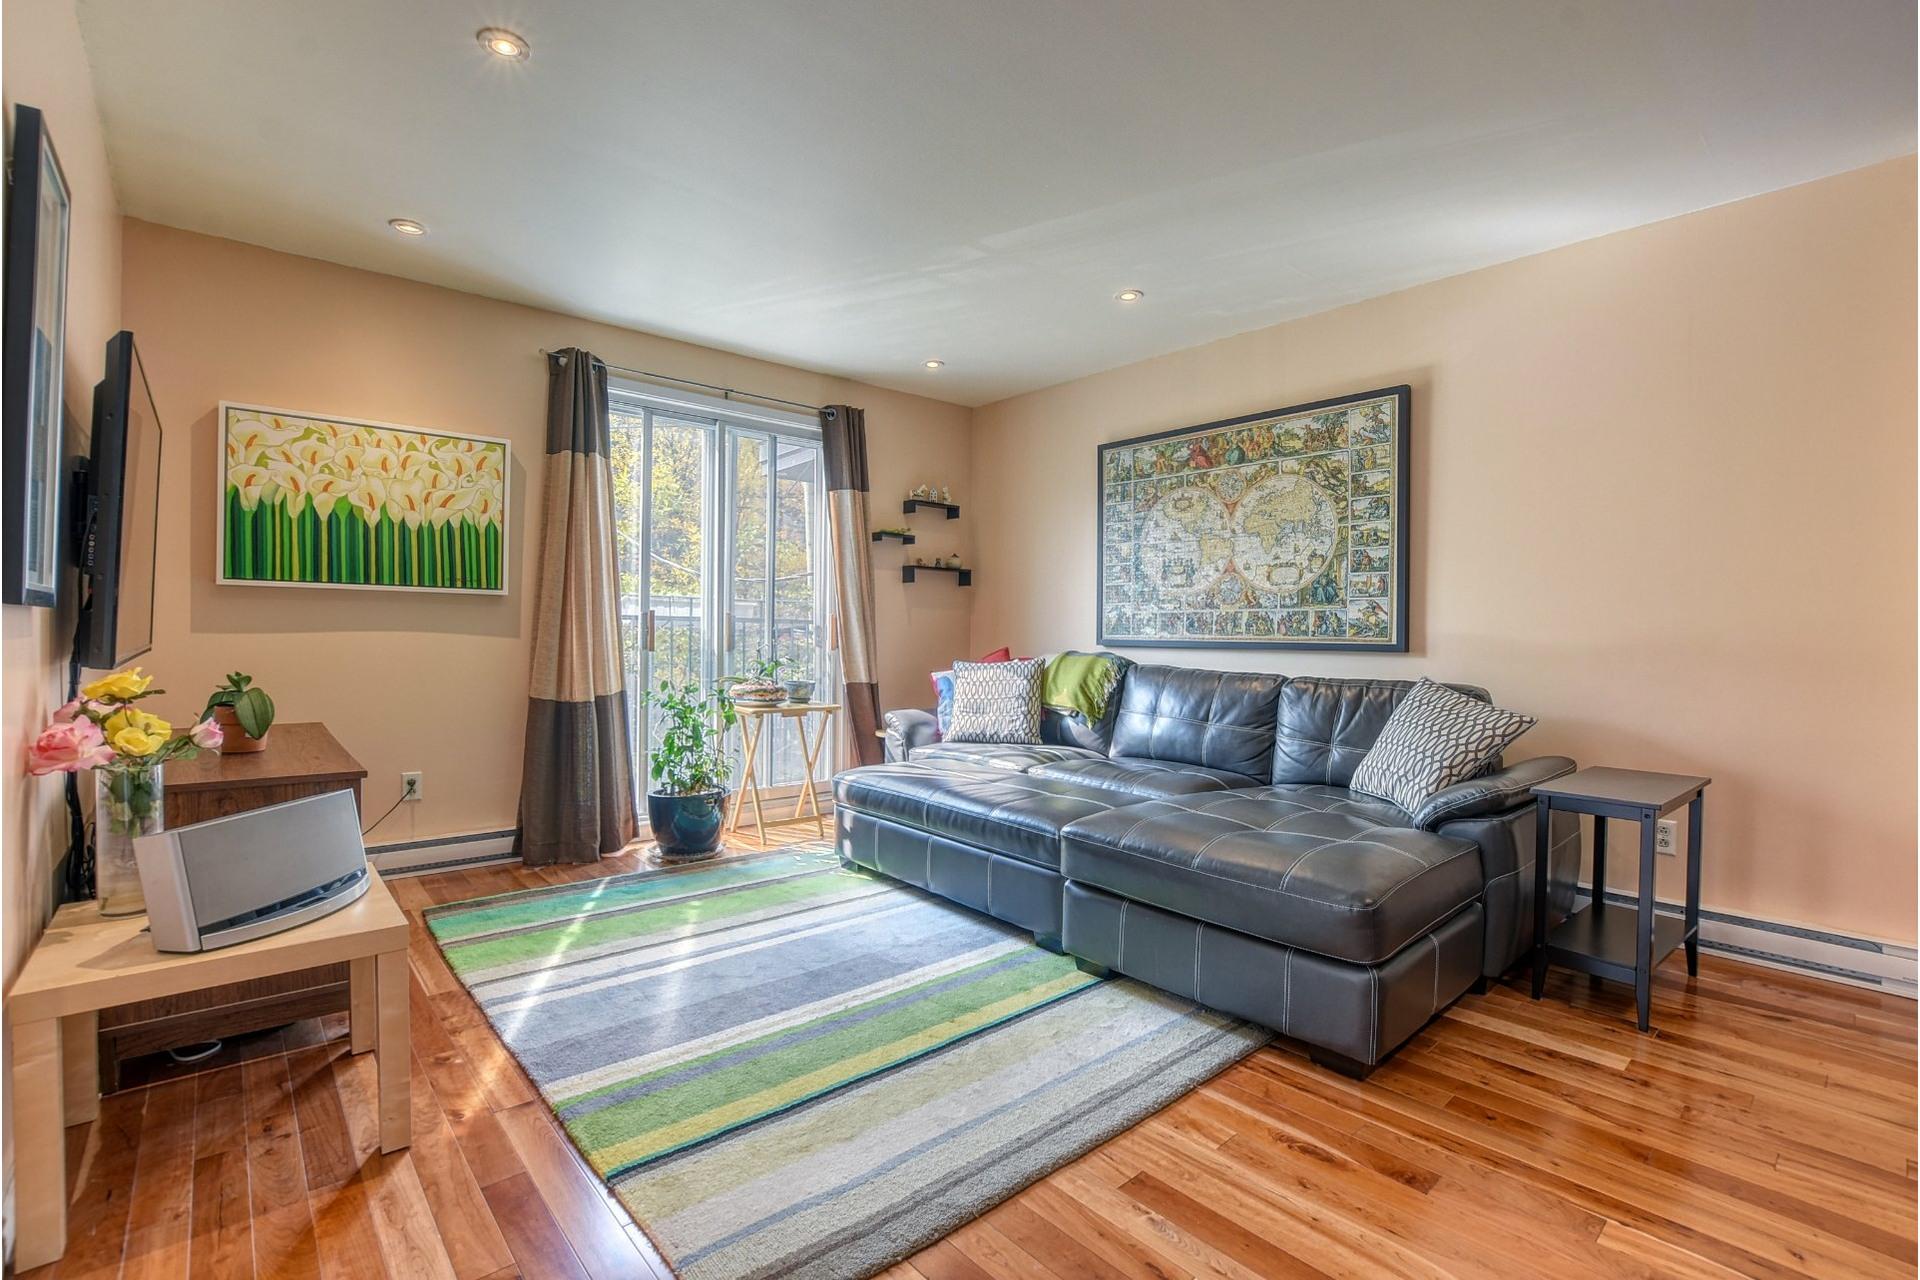 image 2 - Apartment For sale Le Plateau-Mont-Royal Montréal  - 5 rooms